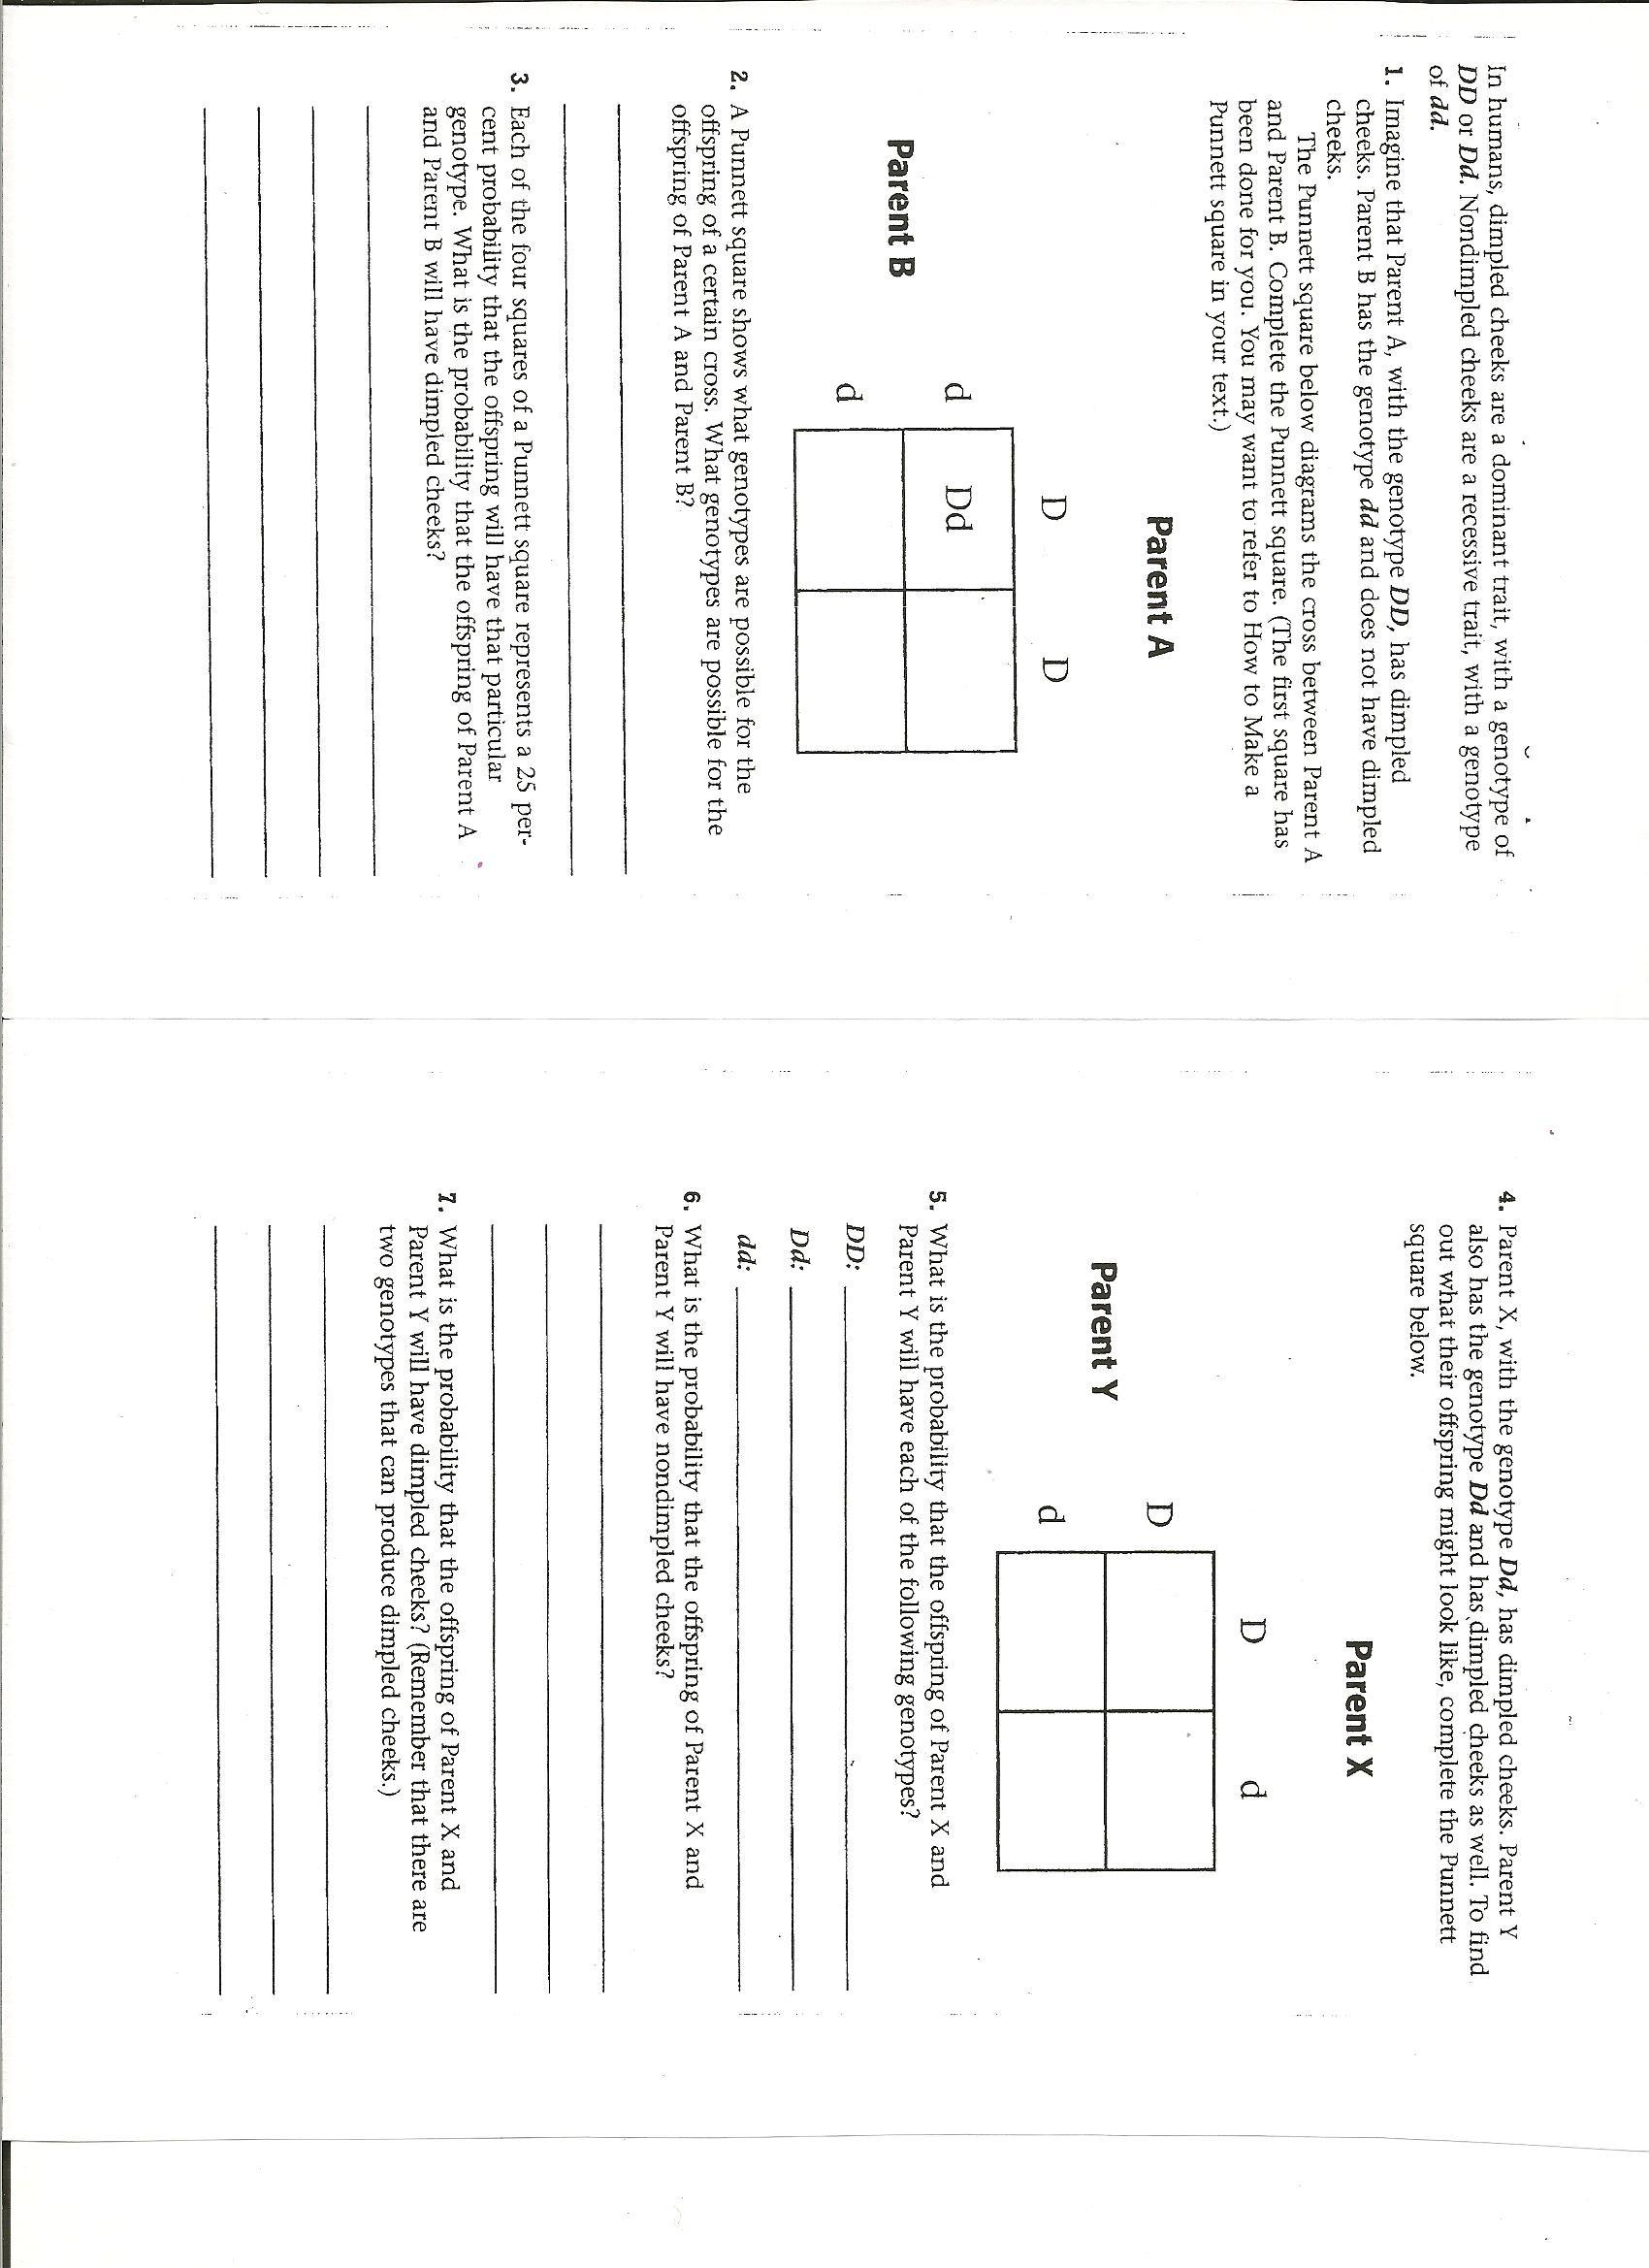 30 Punnett Square Practice Problems Worksheet